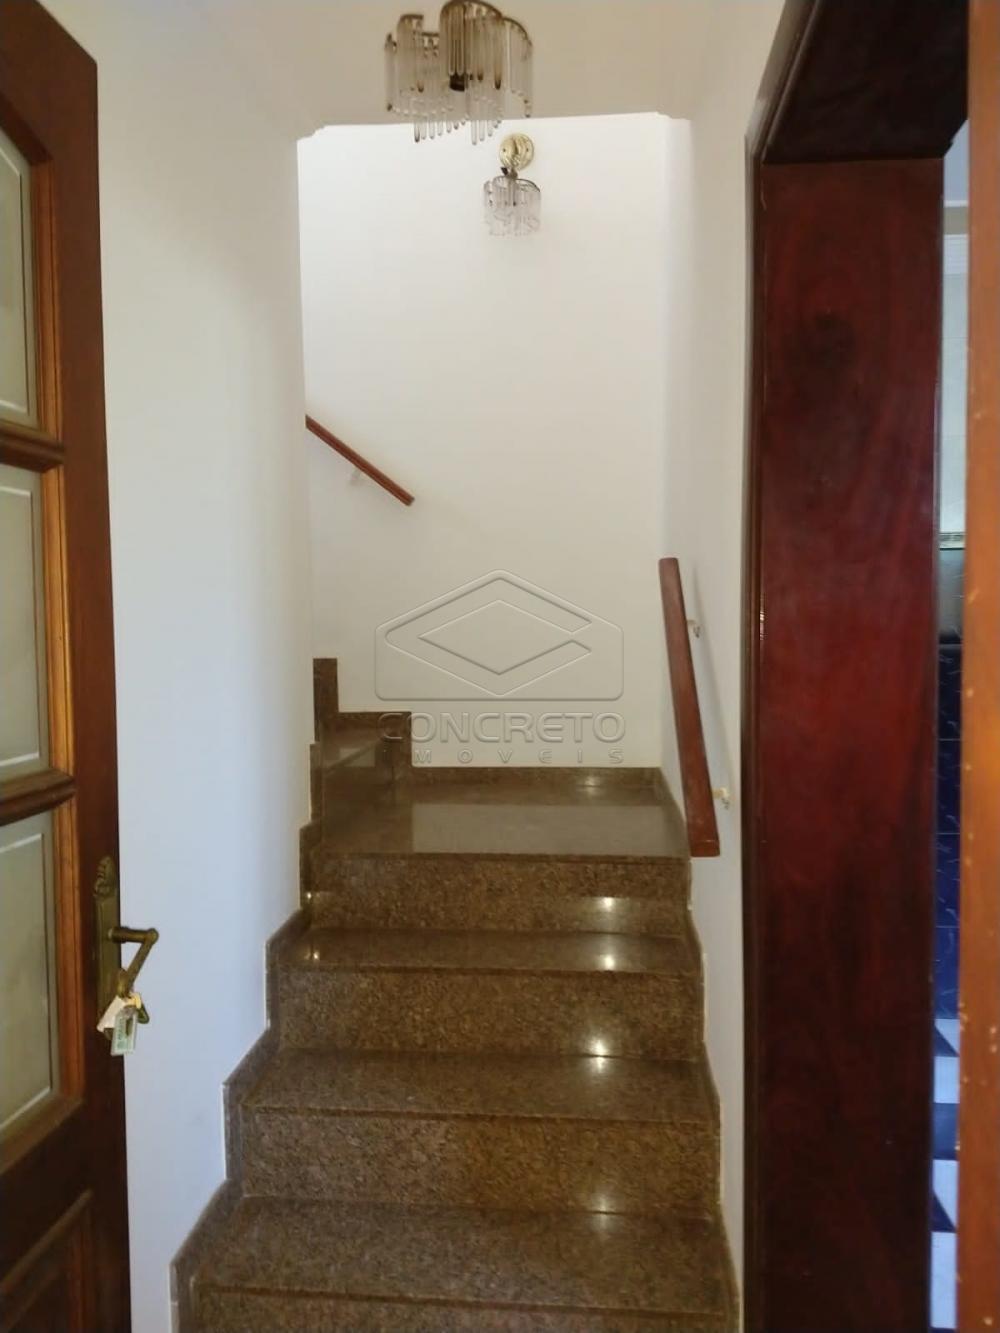 Alugar Casa / Residencia em Jaú R$ 1.200,00 - Foto 3